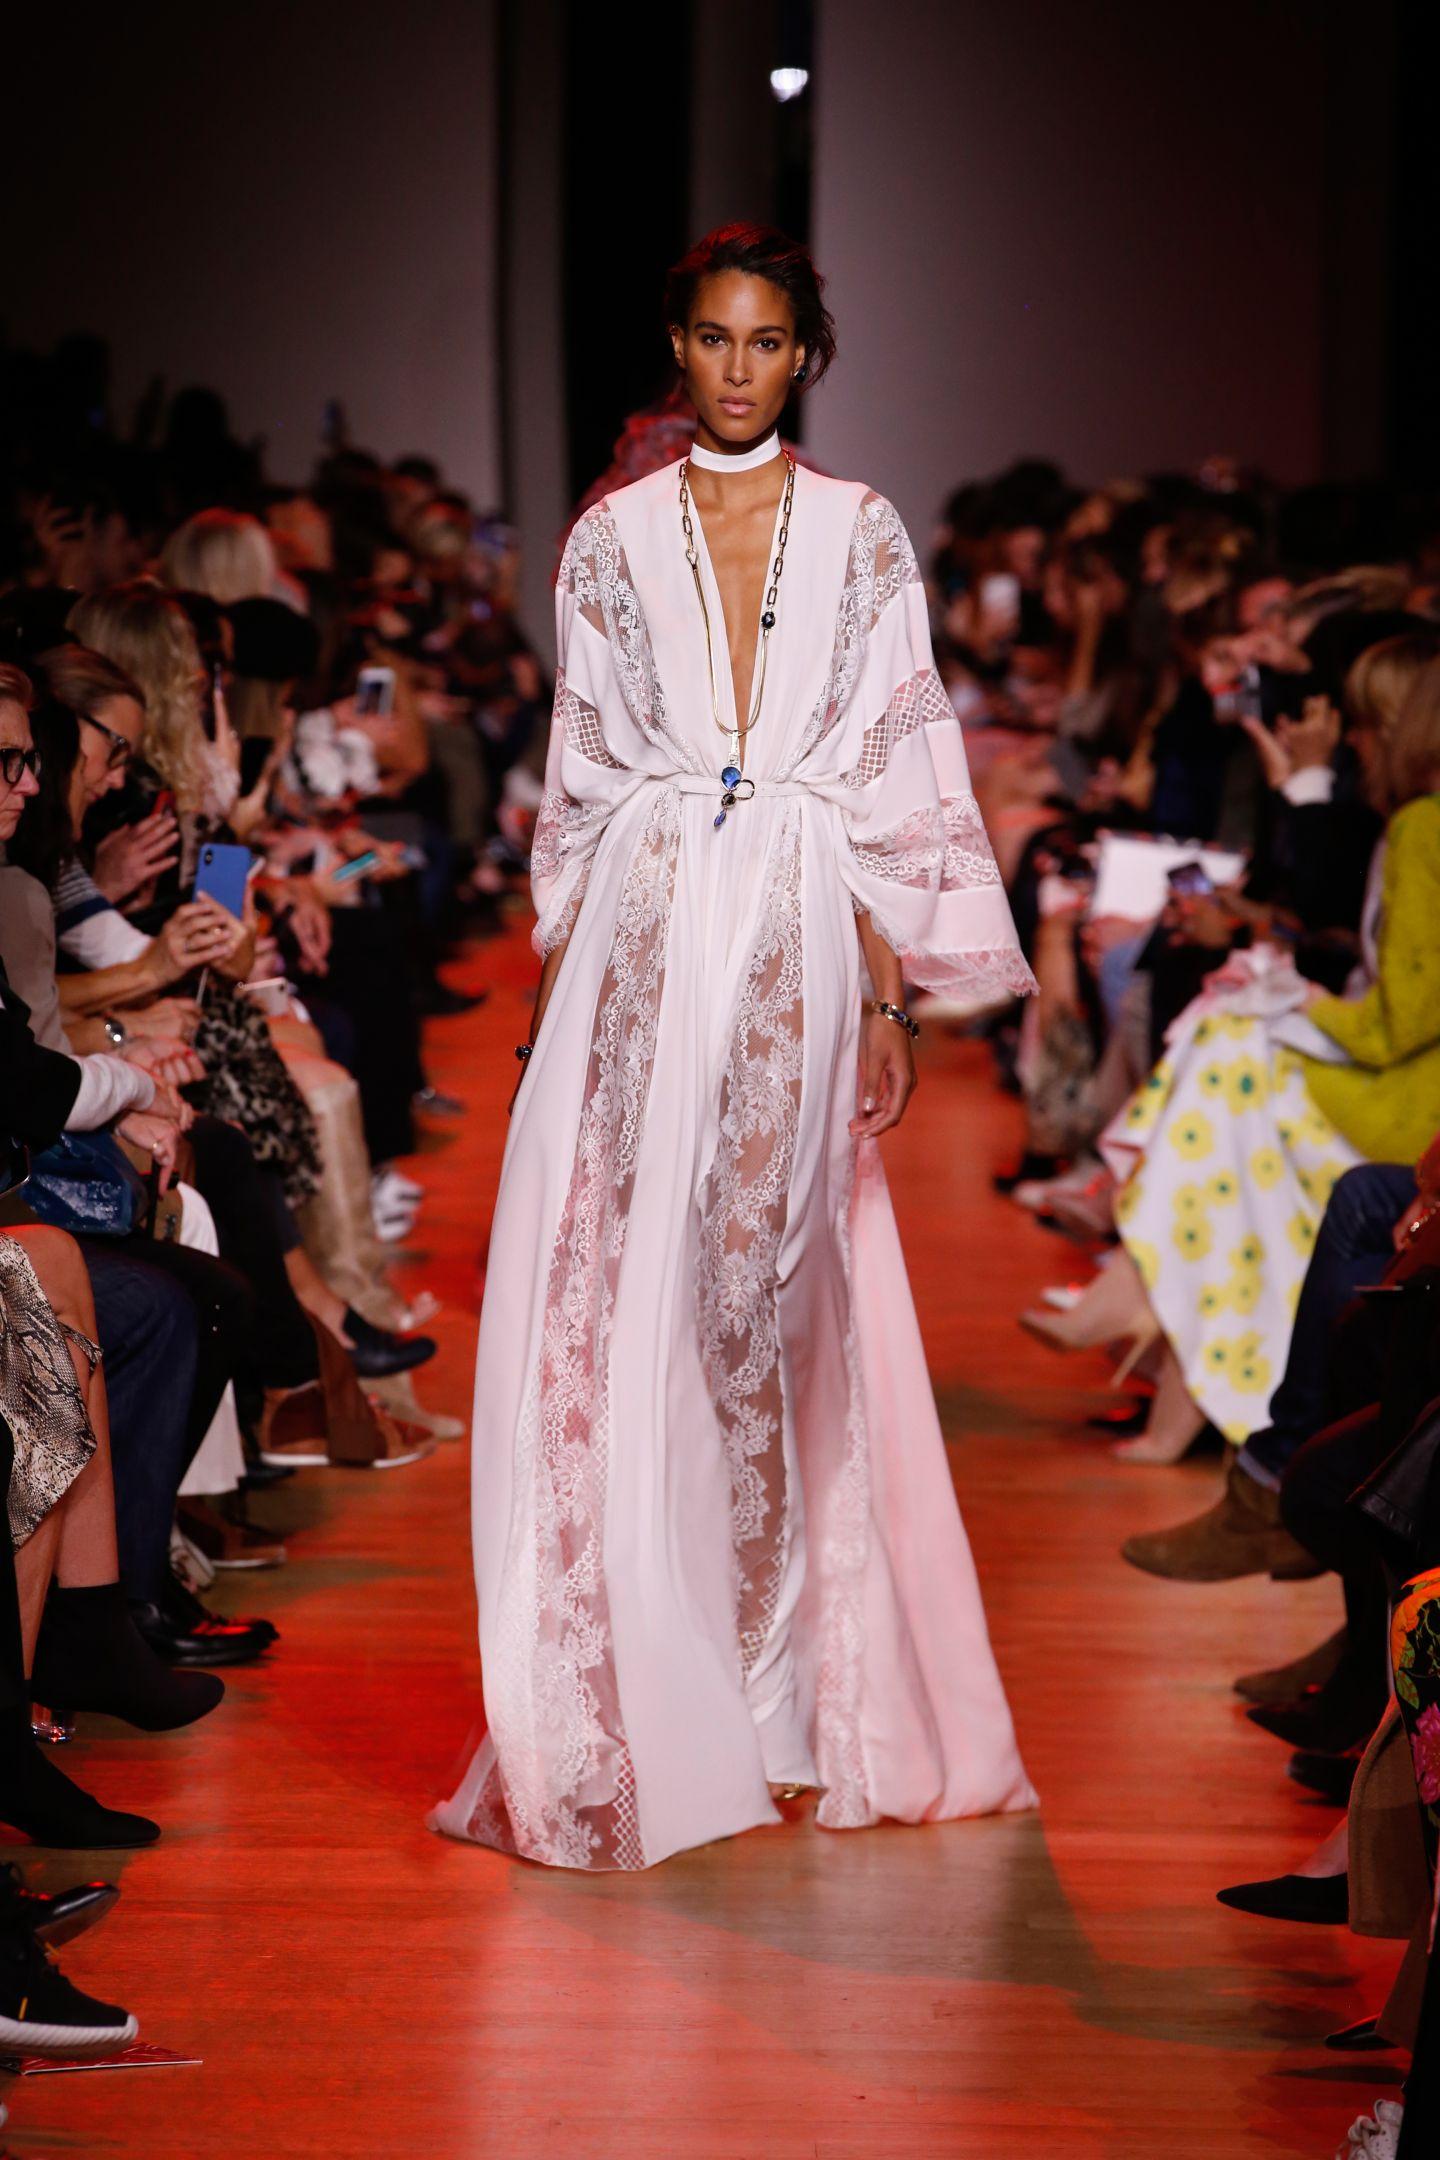 90441c67d4d94 الفساتين الميدي الطويلة كخيار هادئ وكلاسيكي بالوقت نفسه، يمكنكِ اختيار أحد  تصاميم إيلي صعب لهذا العام، بقصّة ميدي طويلة تُبرز رشاقتكِ، مع بعض  التطريزات ...